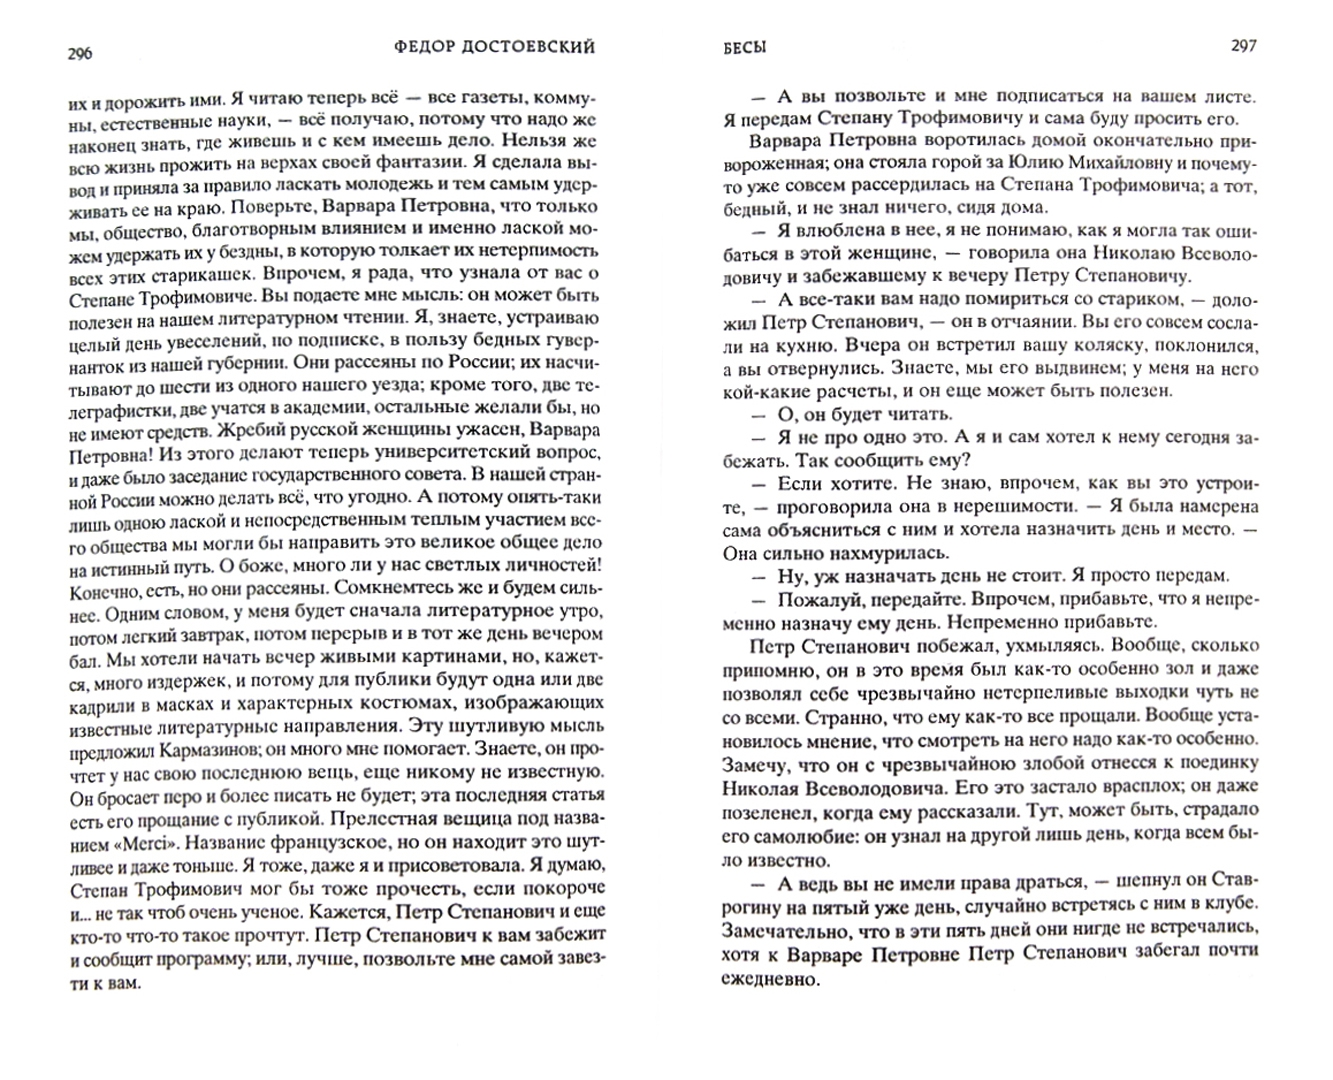 Иллюстрация 1 из 18 для Бесы - Федор Достоевский   Лабиринт - книги. Источник: Лабиринт